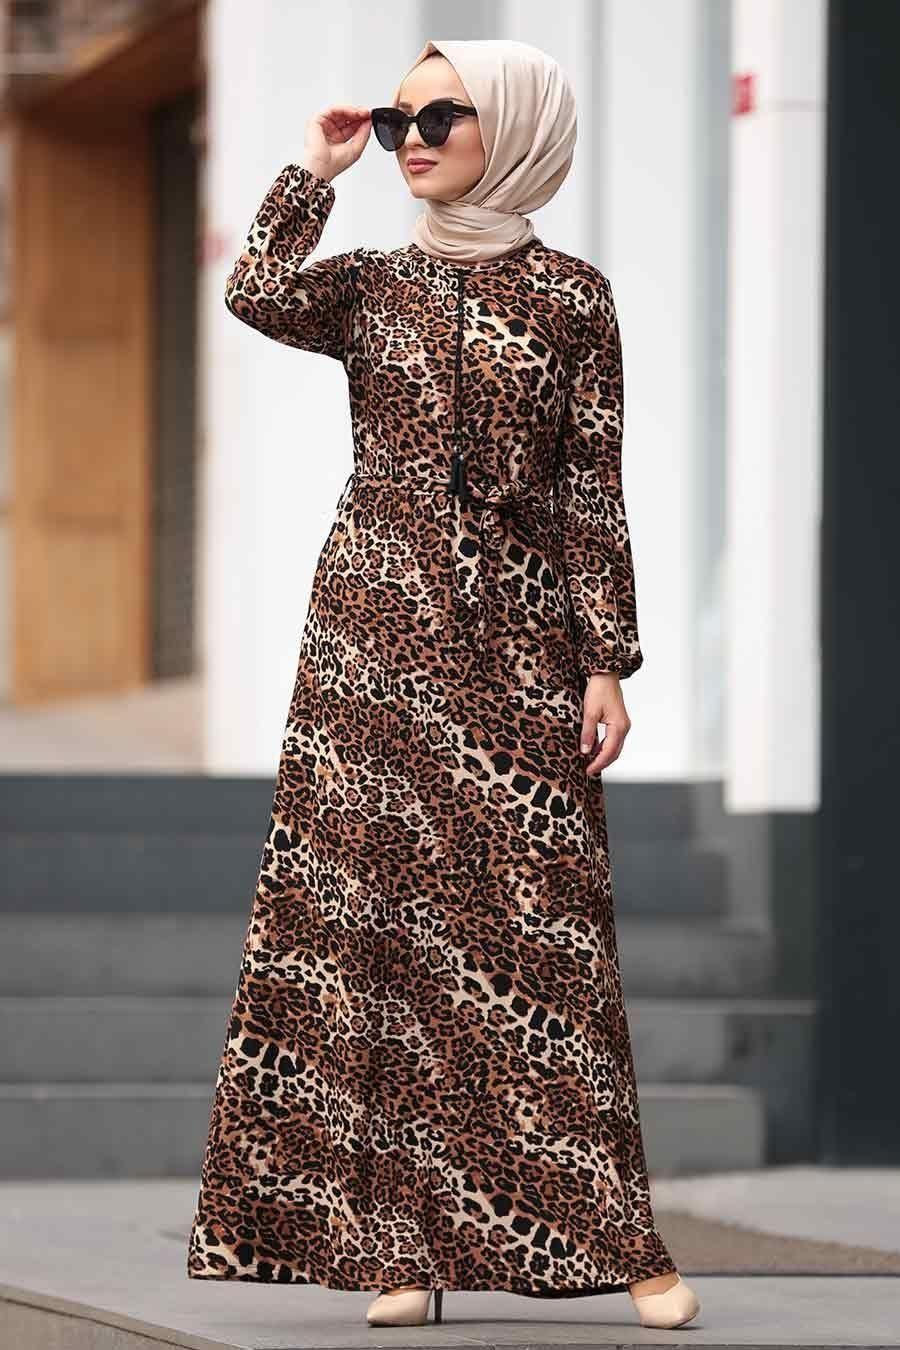 Nayla Collection Leopar Desenli Tesettur Elbise 22920lp Tesetturisland Com The Dress Maksi Elbiseler Musluman Modasi